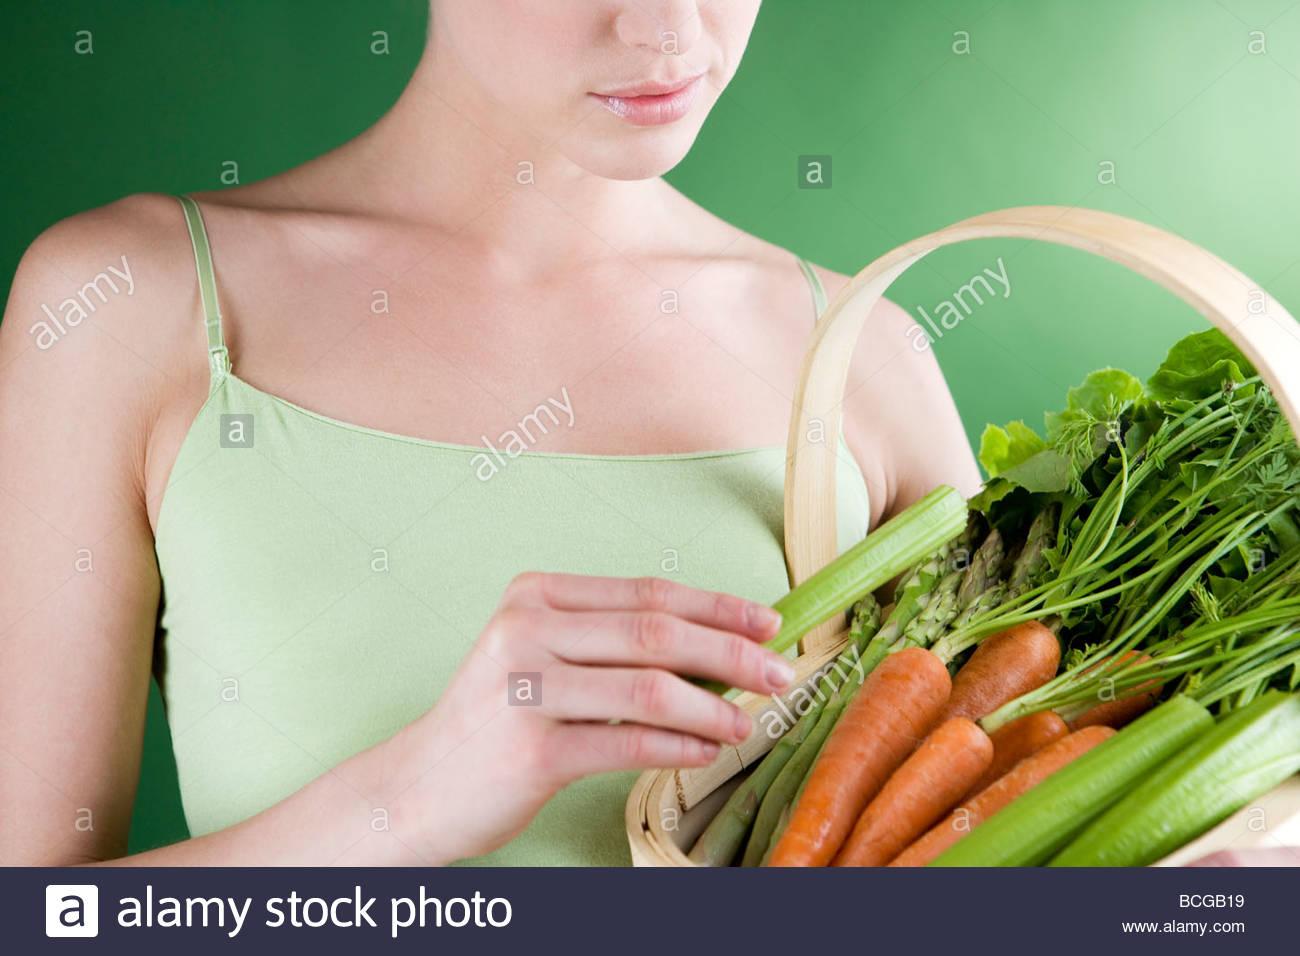 Eine junge Frau hält einen Korb voll mit Gemüse Stockbild